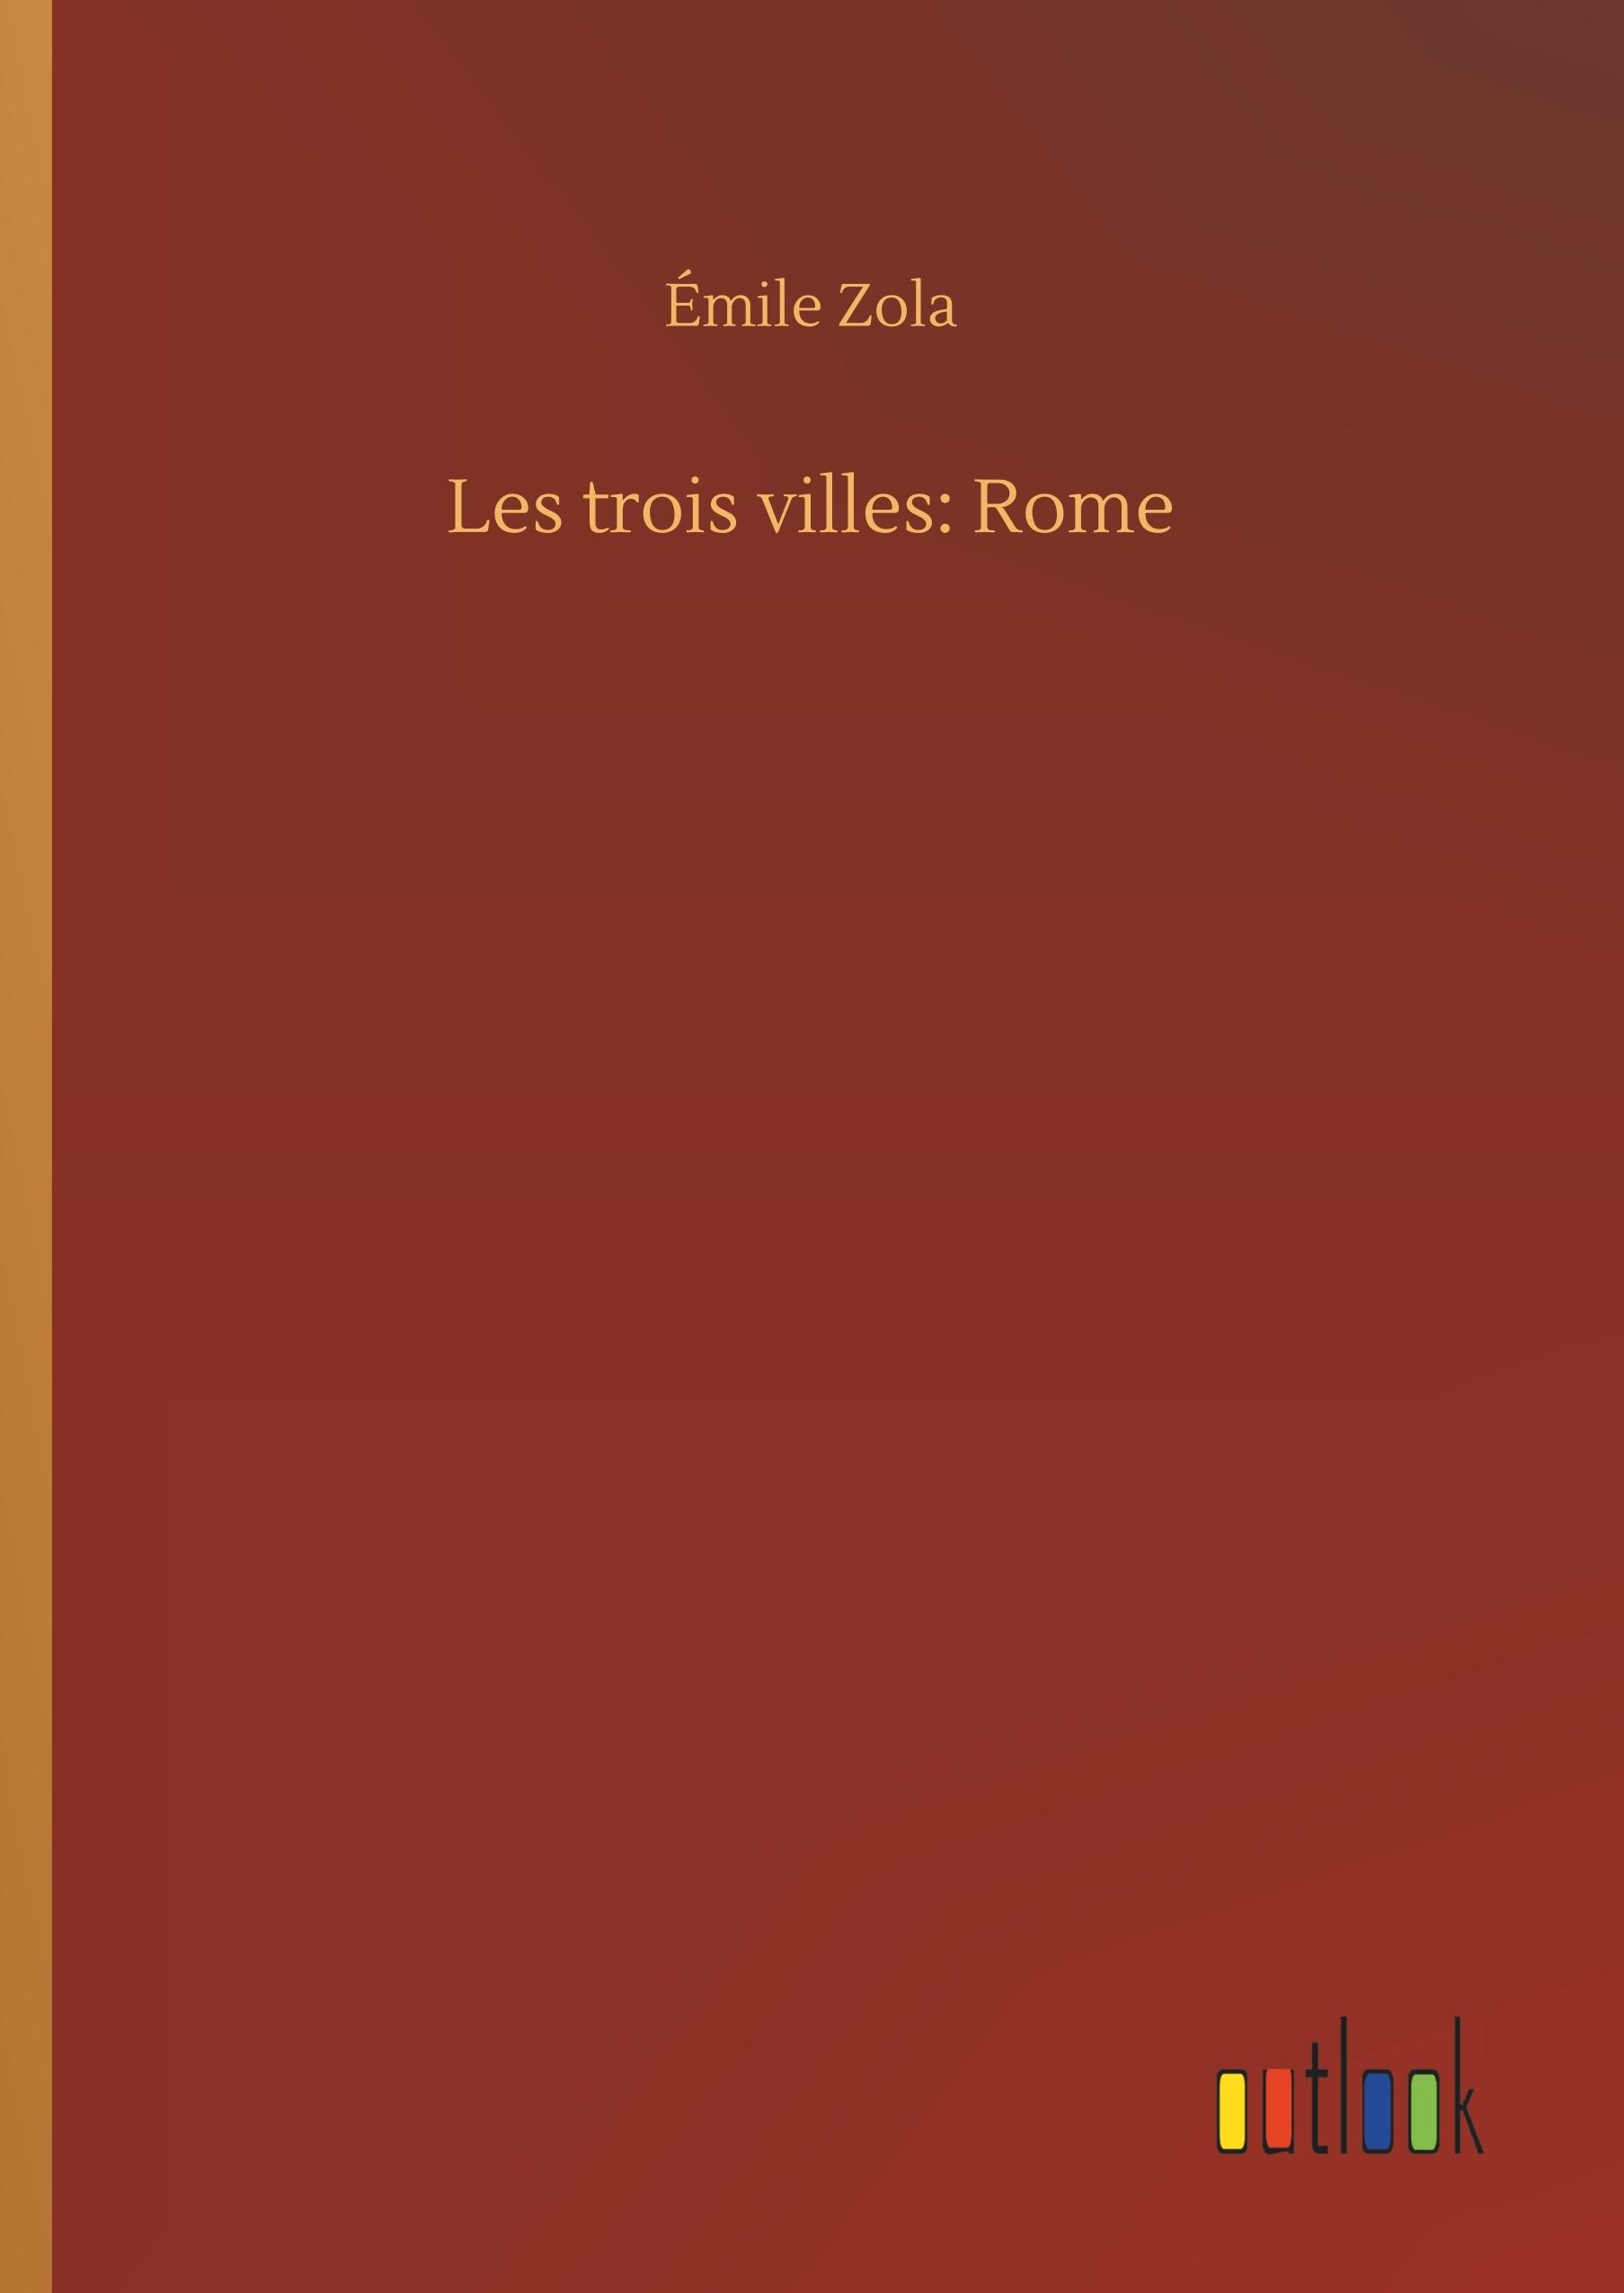 LES TROIS VILLES: ROME